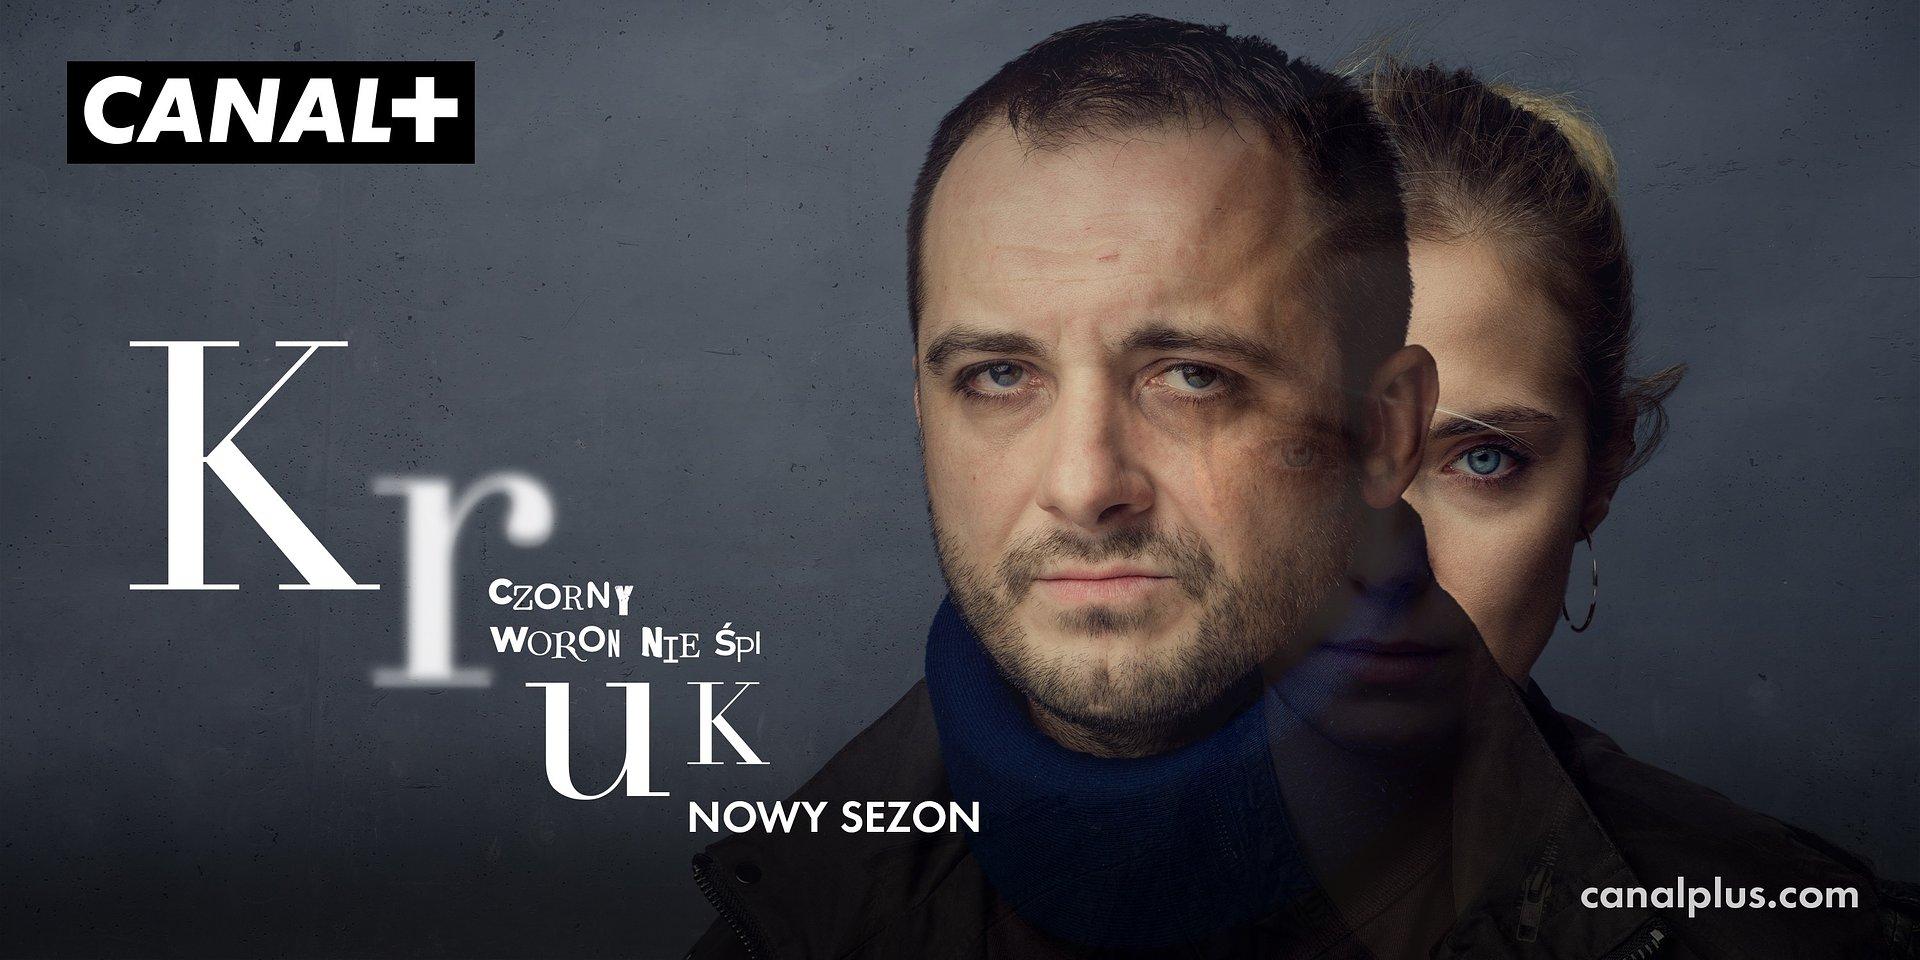 KRUK. CZORNY WORON NIE ŚPI – CANAL+ prezentuje oficjalny tytuł i plakat nowego sezonu serialu